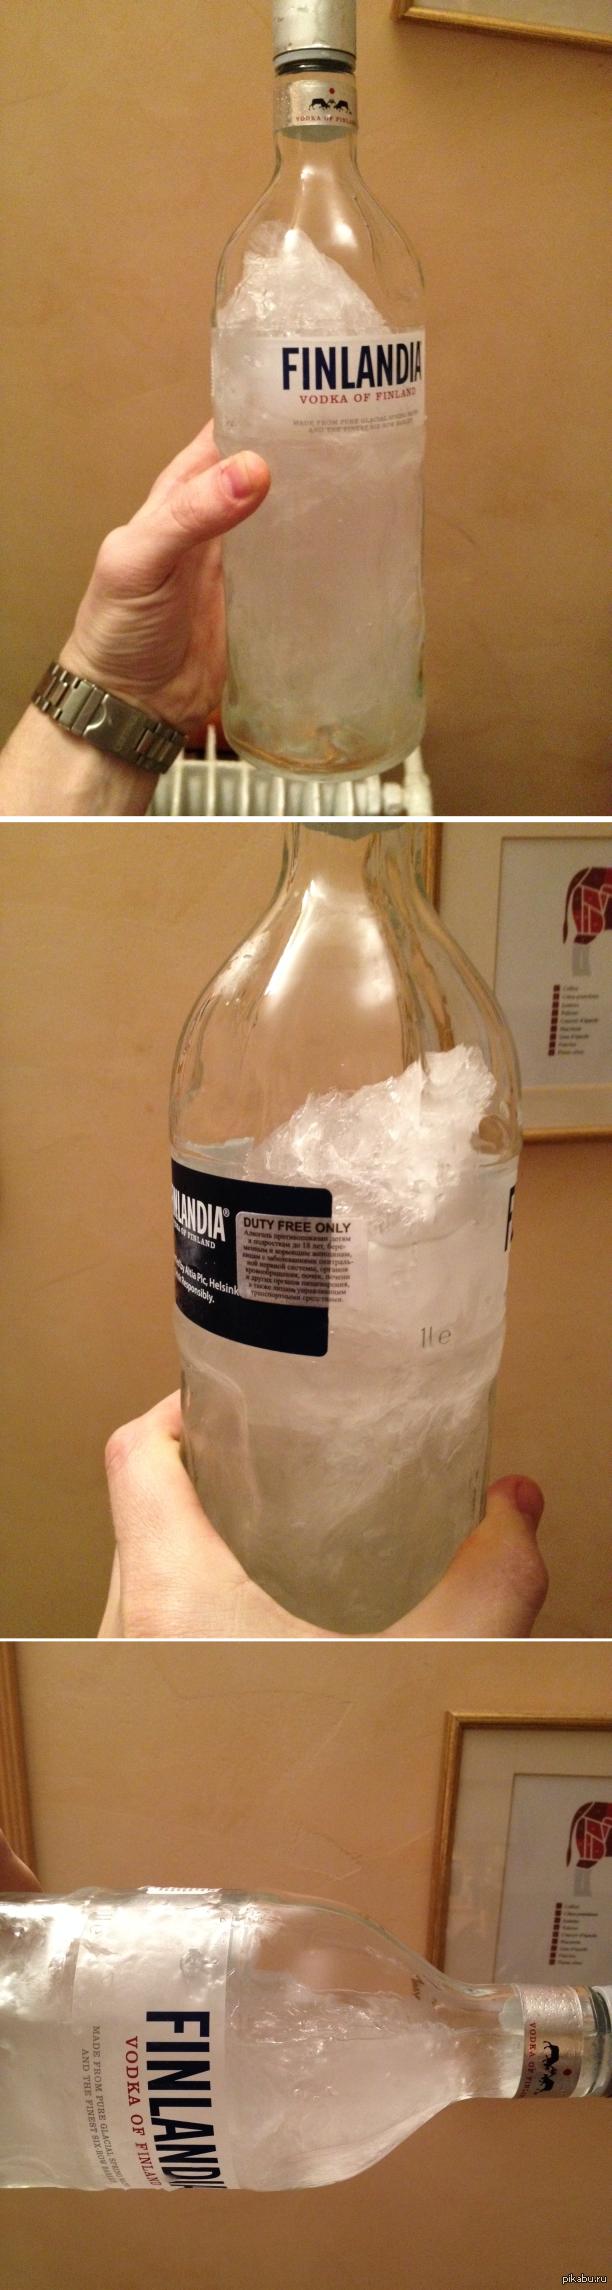 Замерзает ли коньяк в морозилке